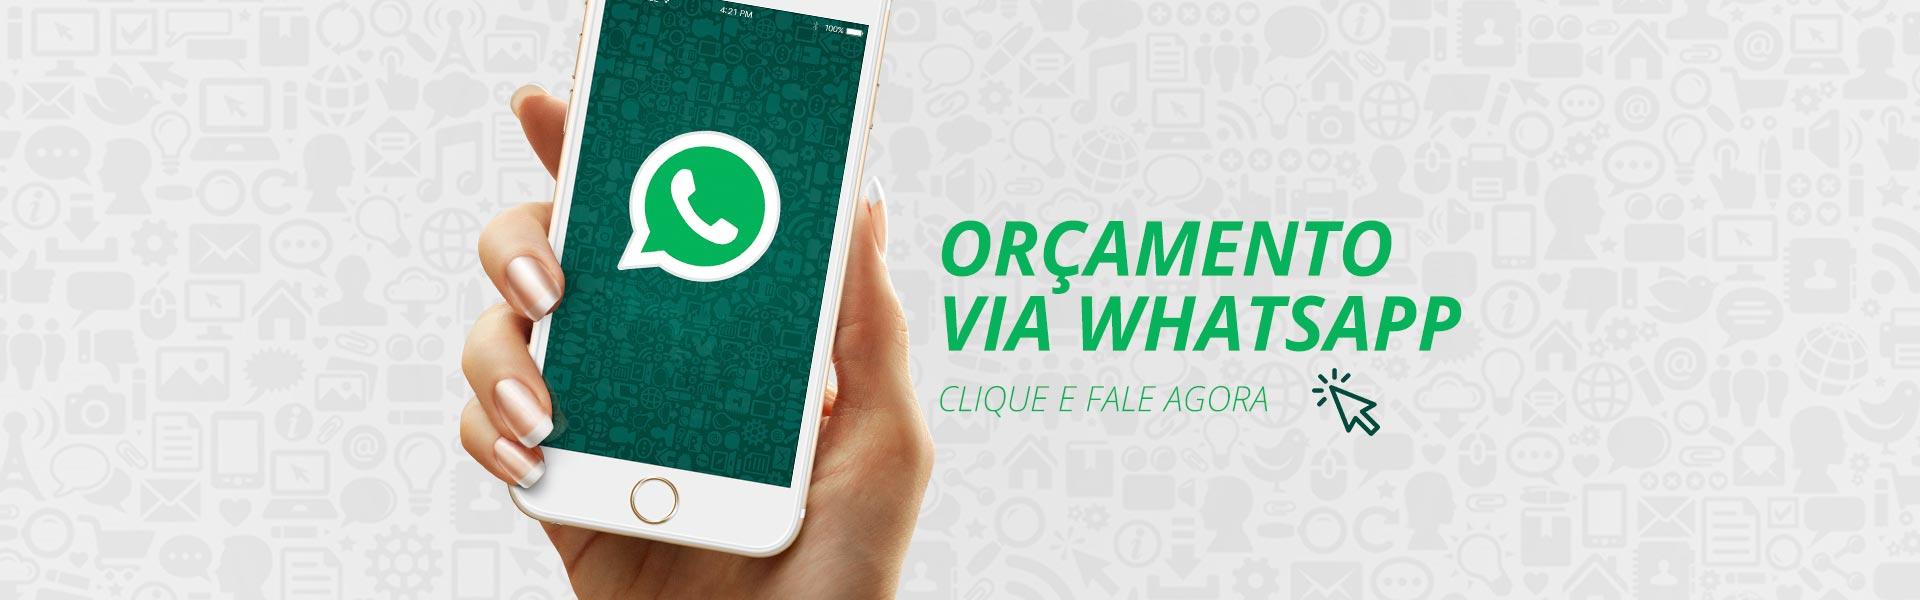 banner-perfmax-orcamento-via-whatsapp